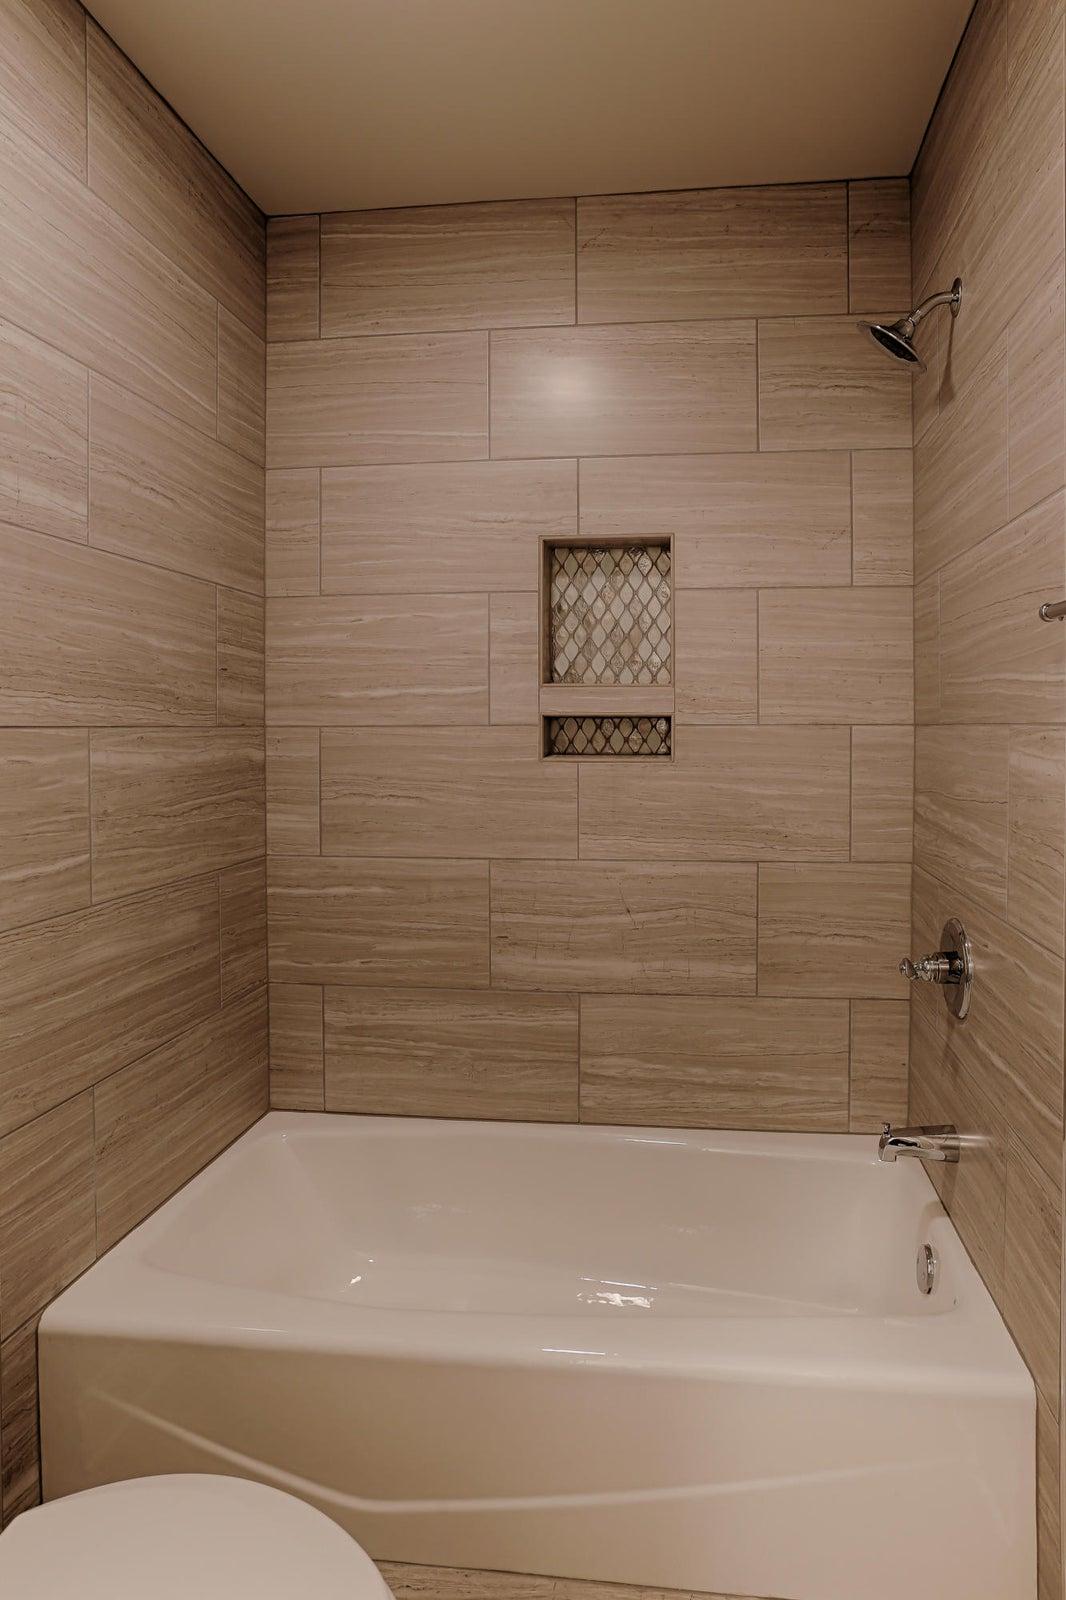 Bath 3 with designer tile